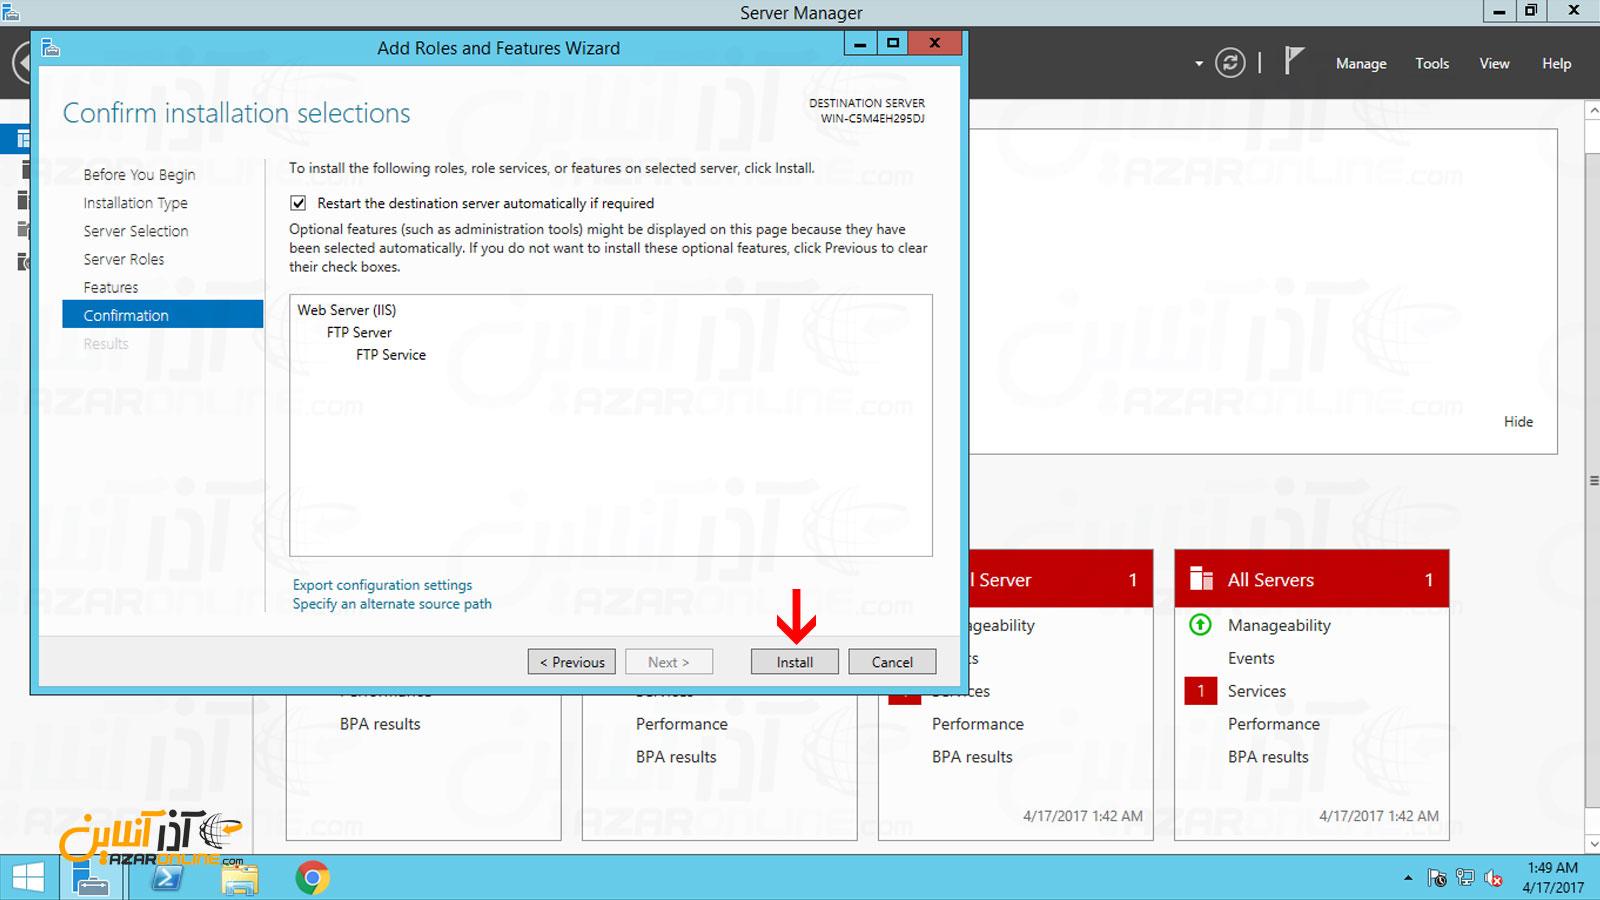 گزارشی از رول های انتخاب شده برای نصب